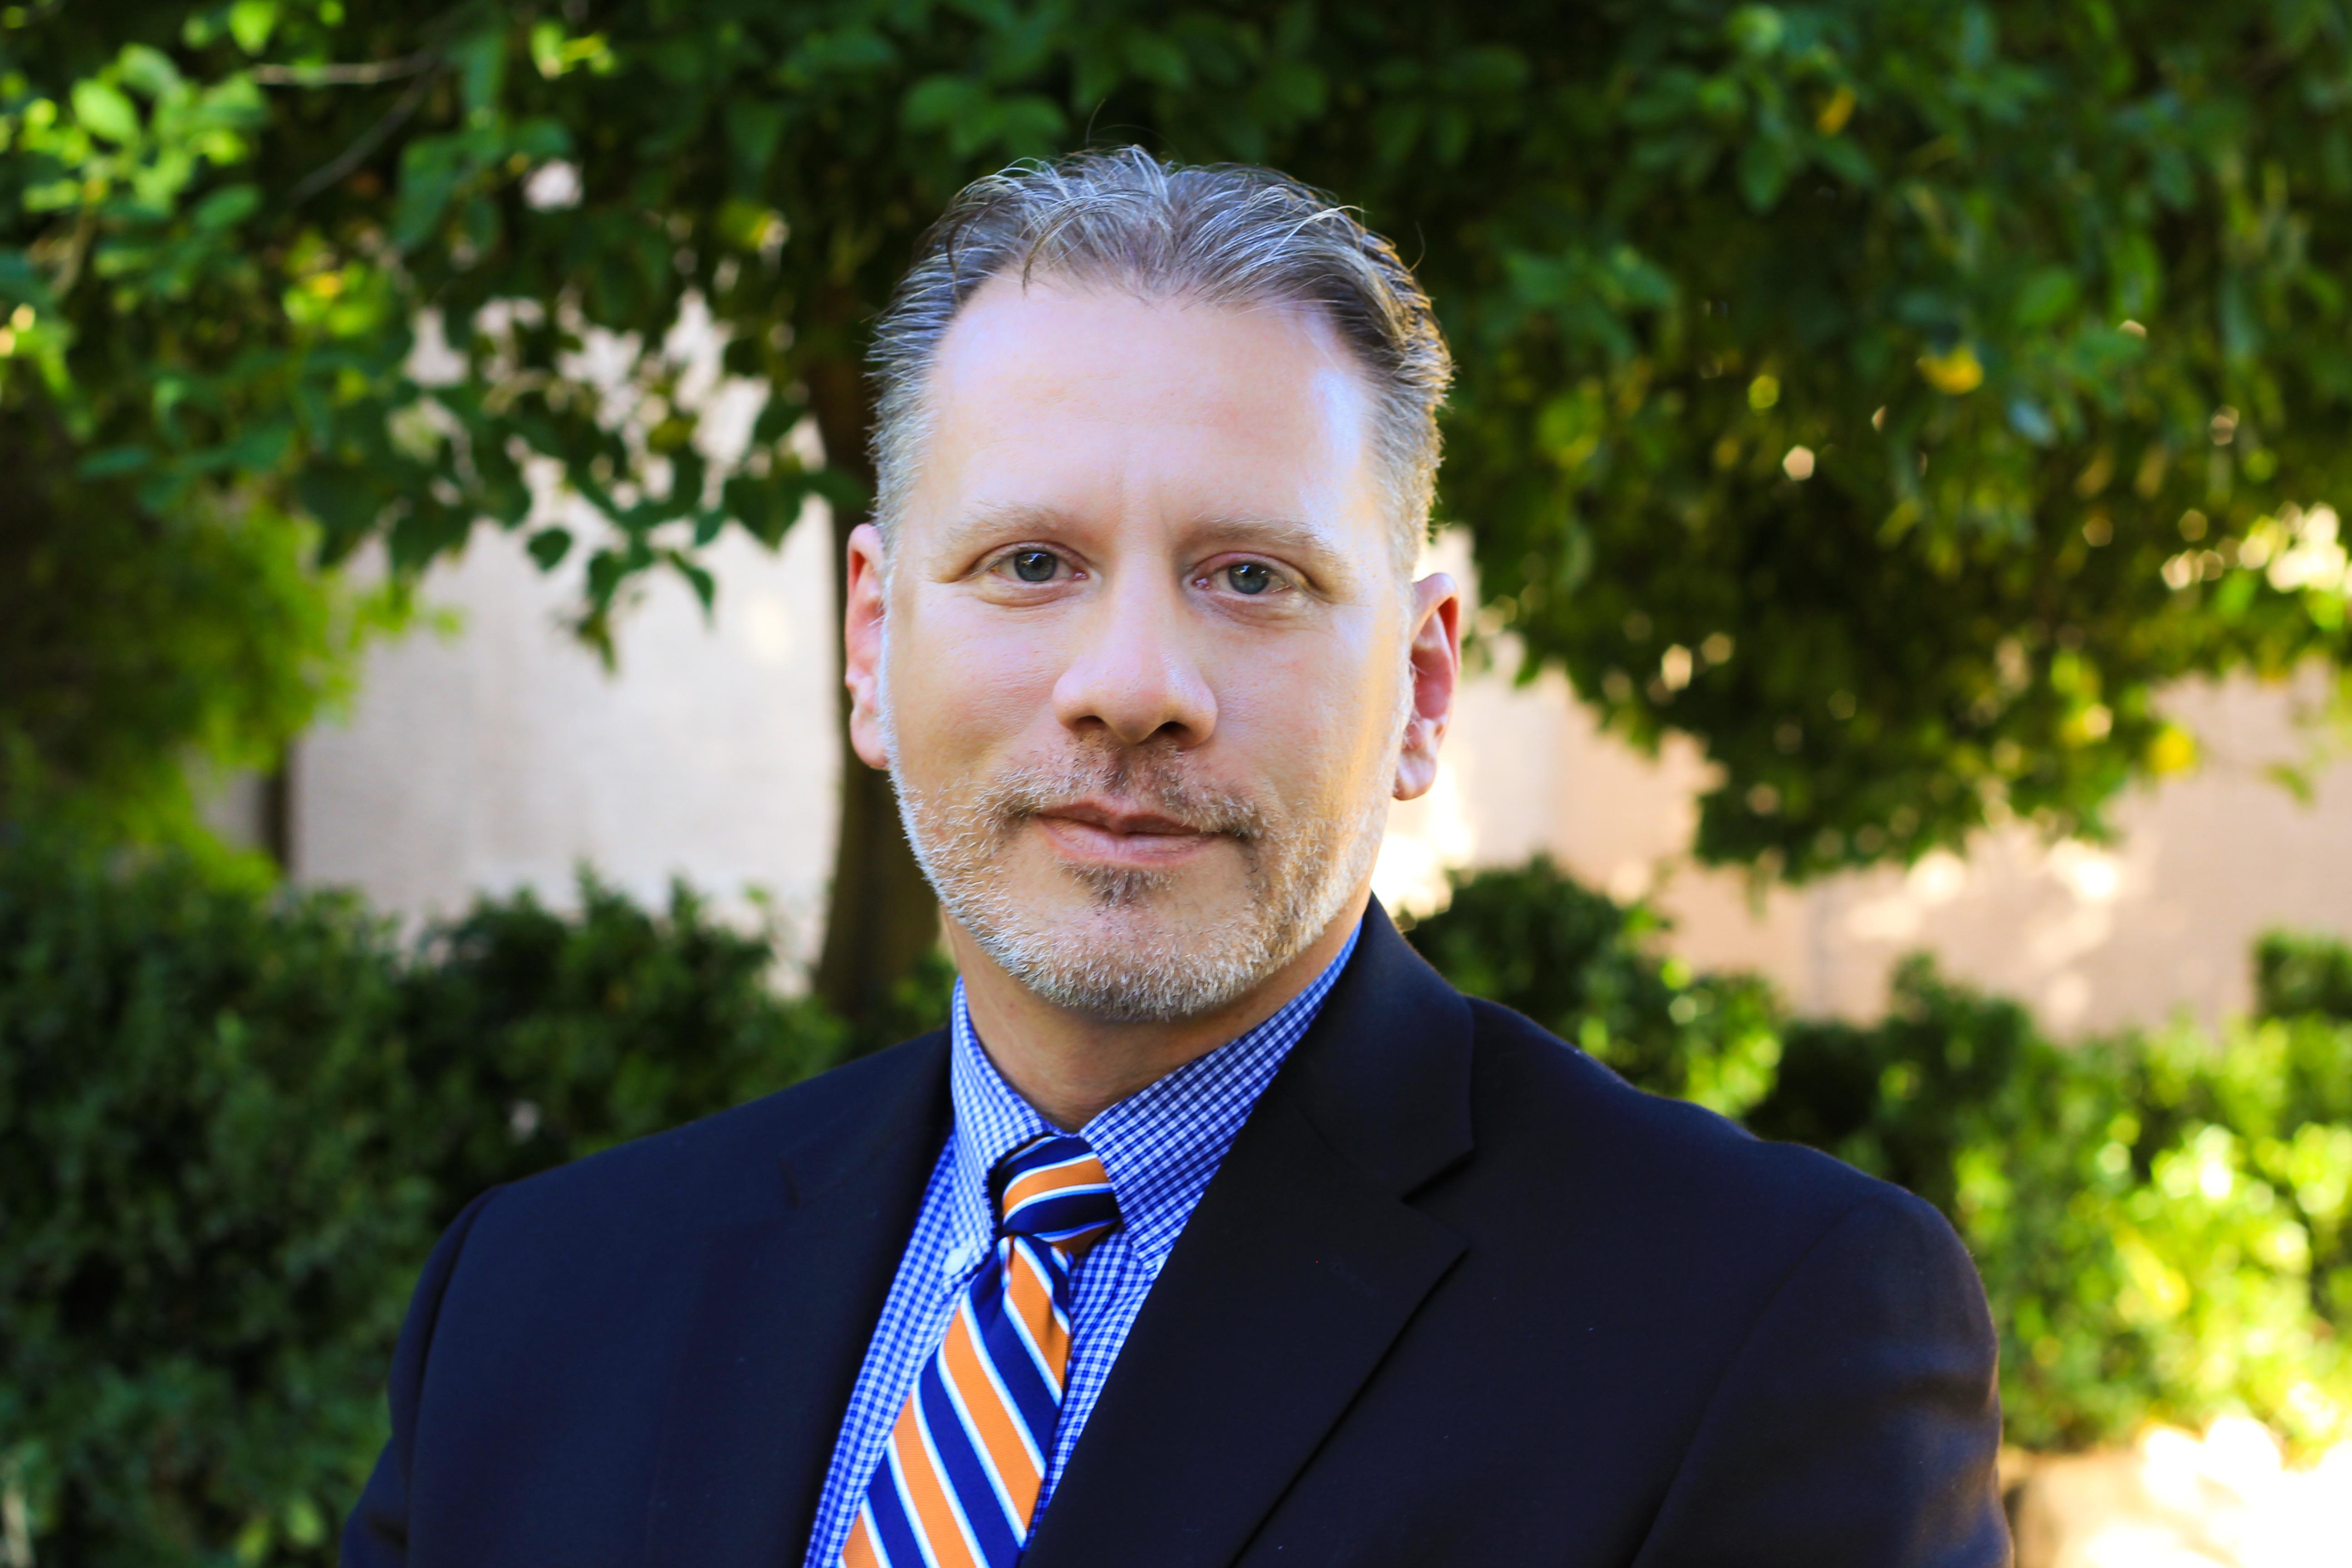 Rev. David Shay